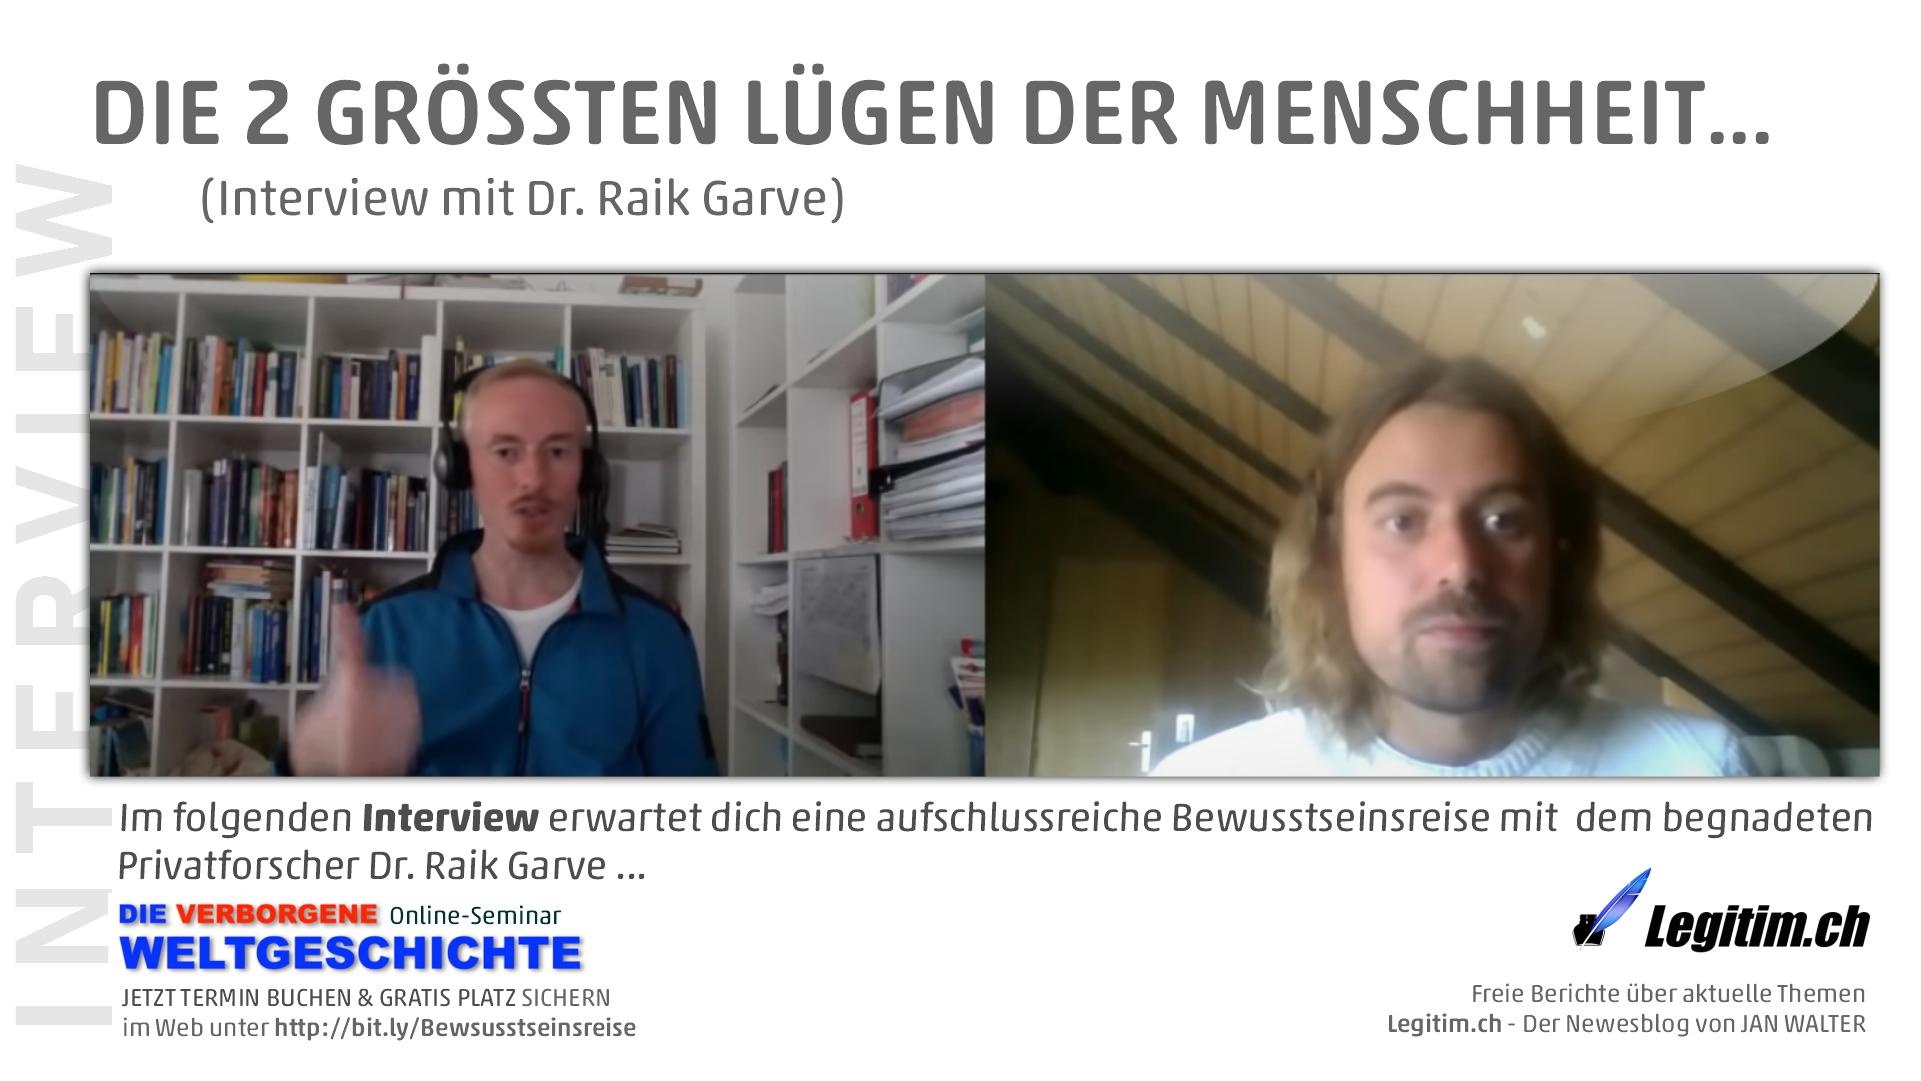 Die 2 grössten Lügen der Menschheit (mit Dr. Raik Garve)